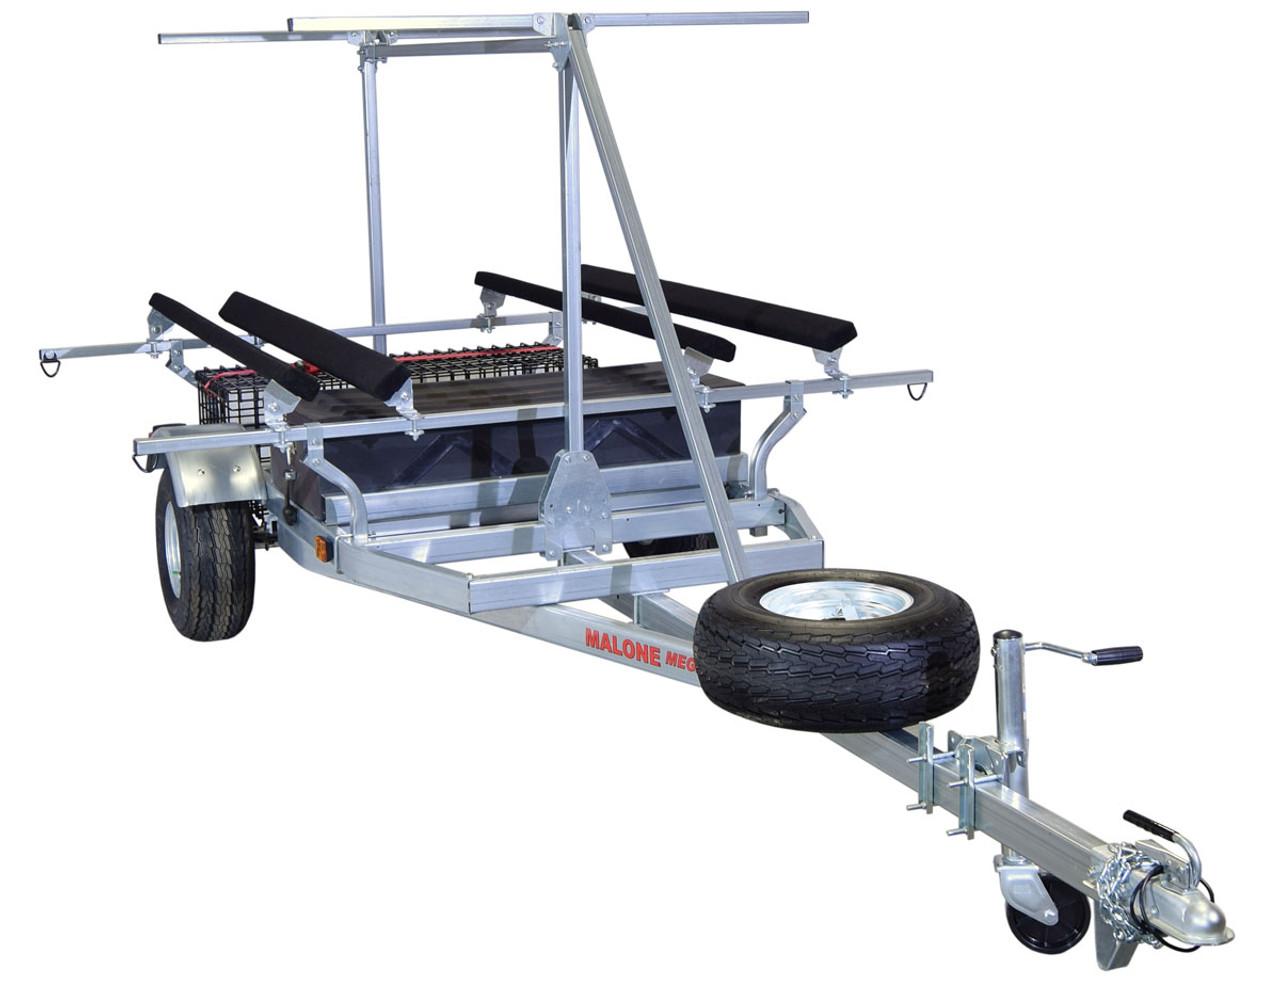 MegaSport 2-4 Kayak Trailer Pkg (Spare Tire, 2nd Tier, 2 Sets Bunks, Storage Basket & Drawer) (MPG550-TH)